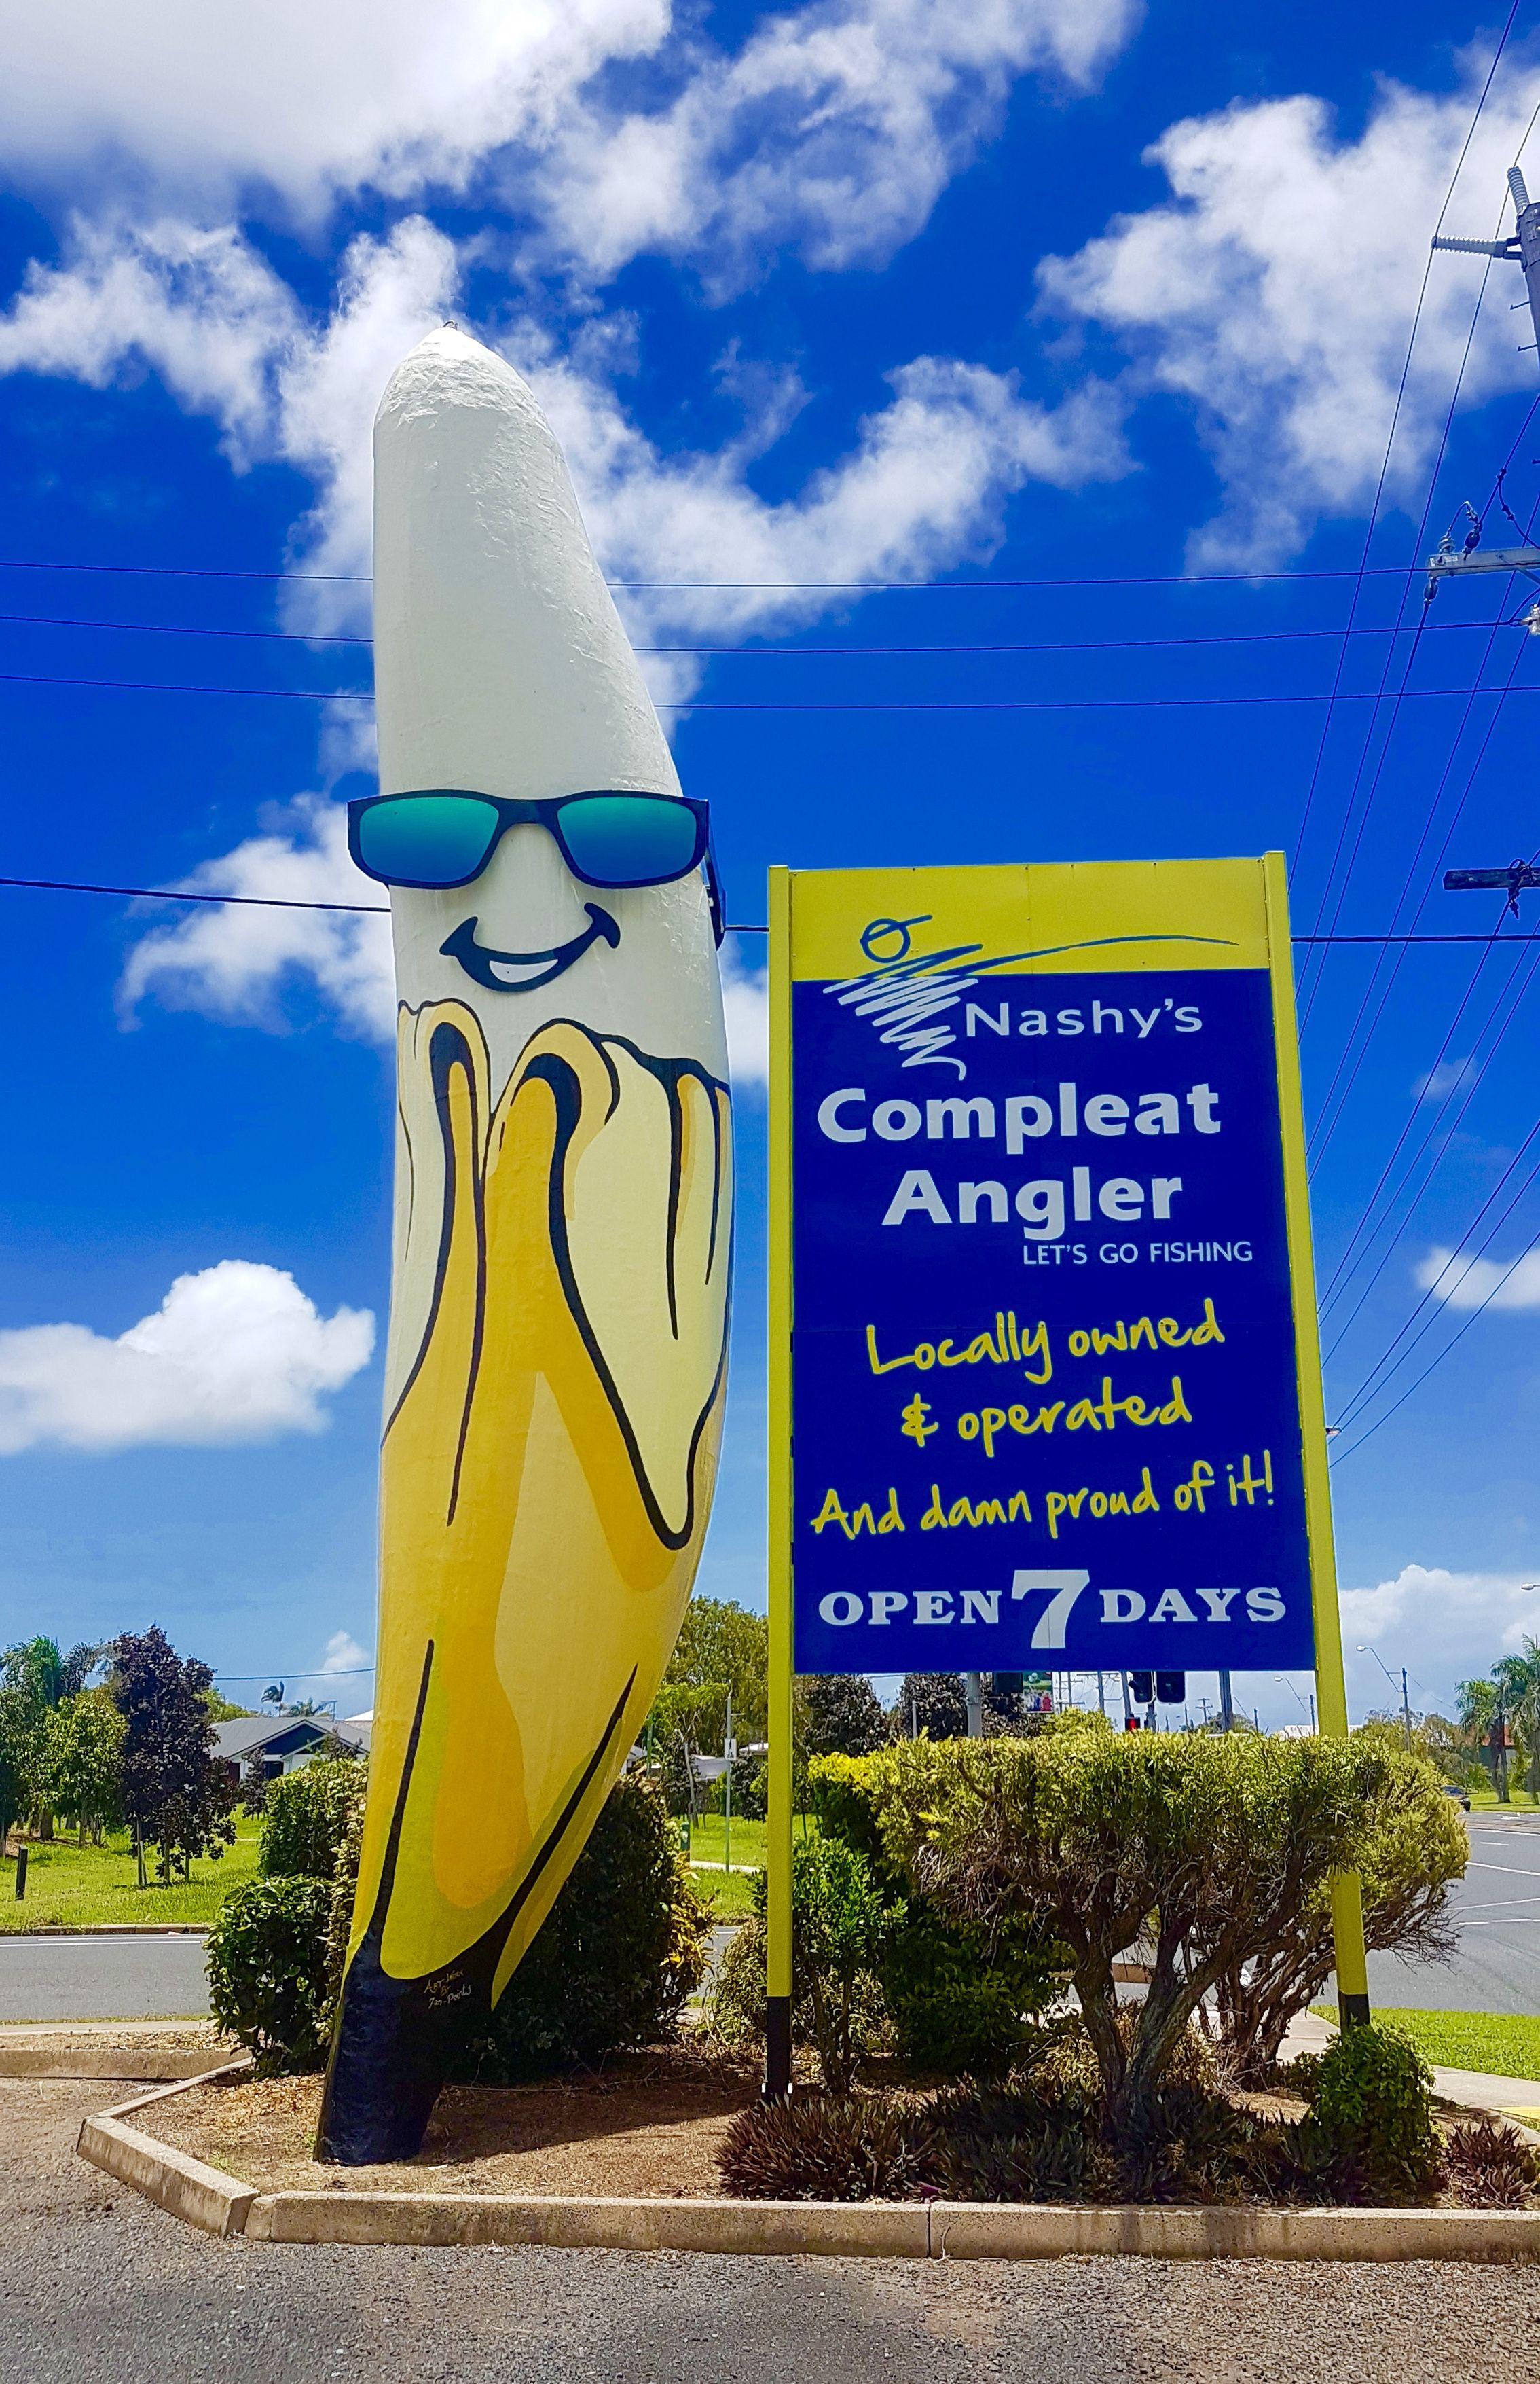 Big Banana Mackay Qld Australia Aussie Australia Australia Vacation